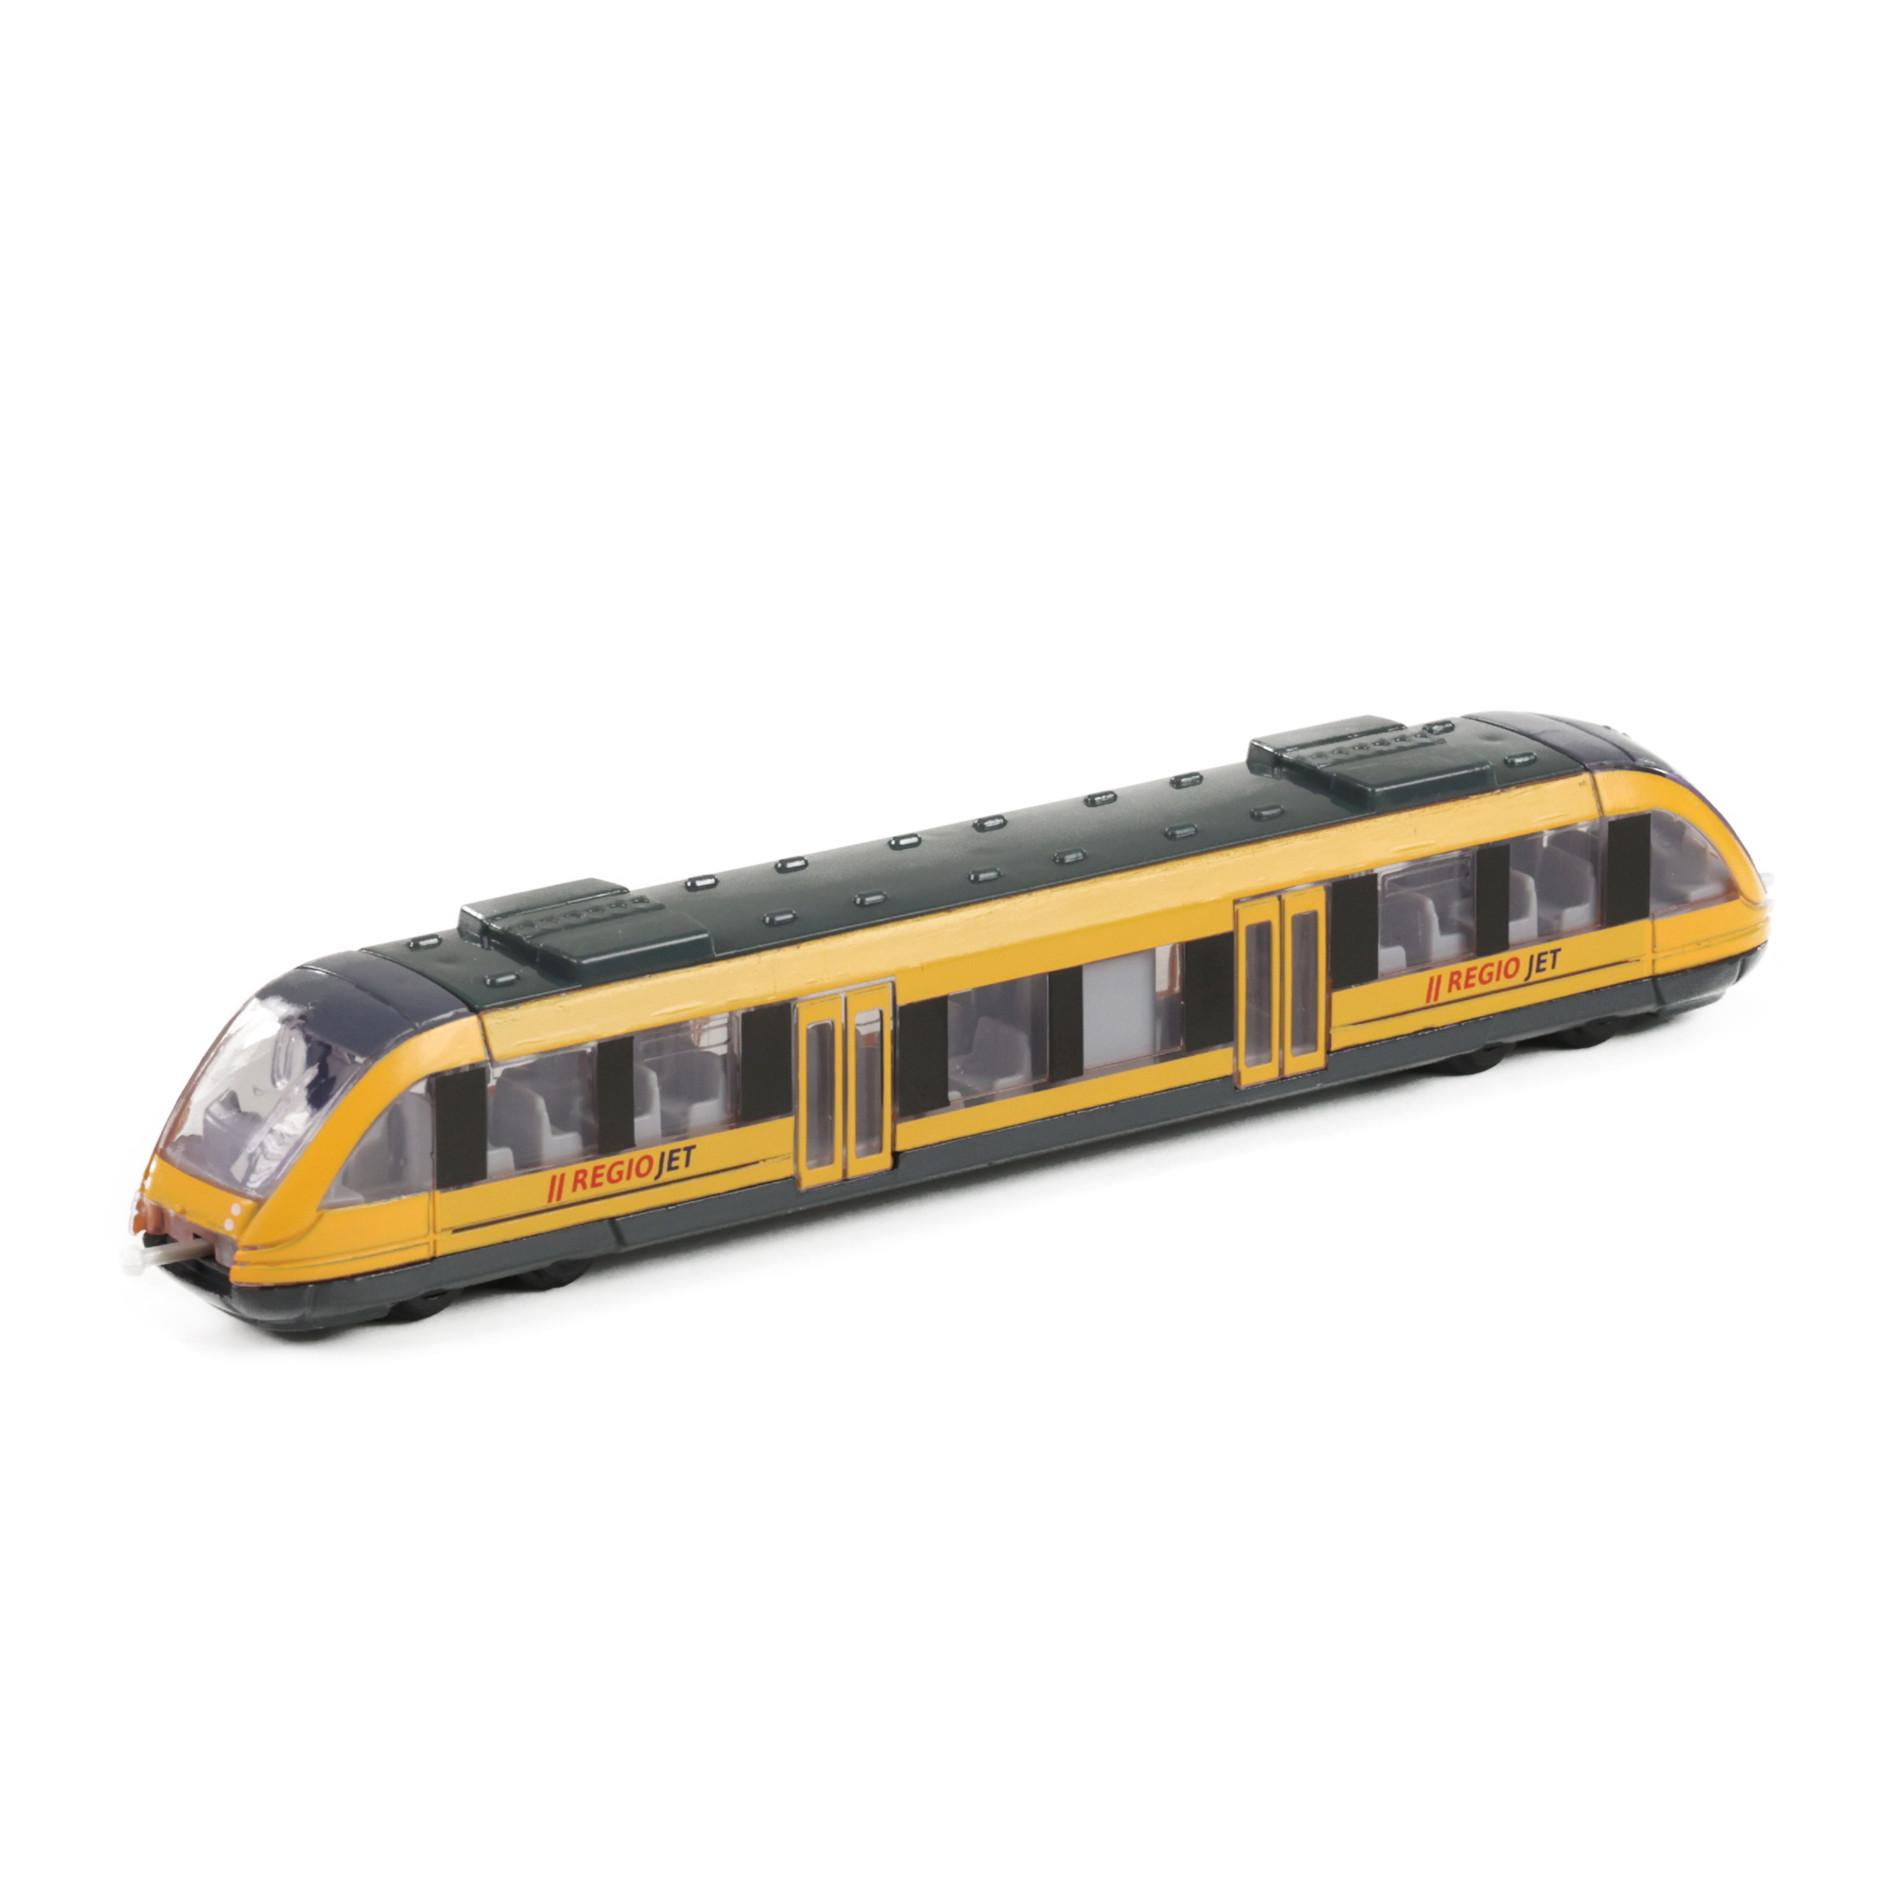 steel regional train RegioJet, 17 cm